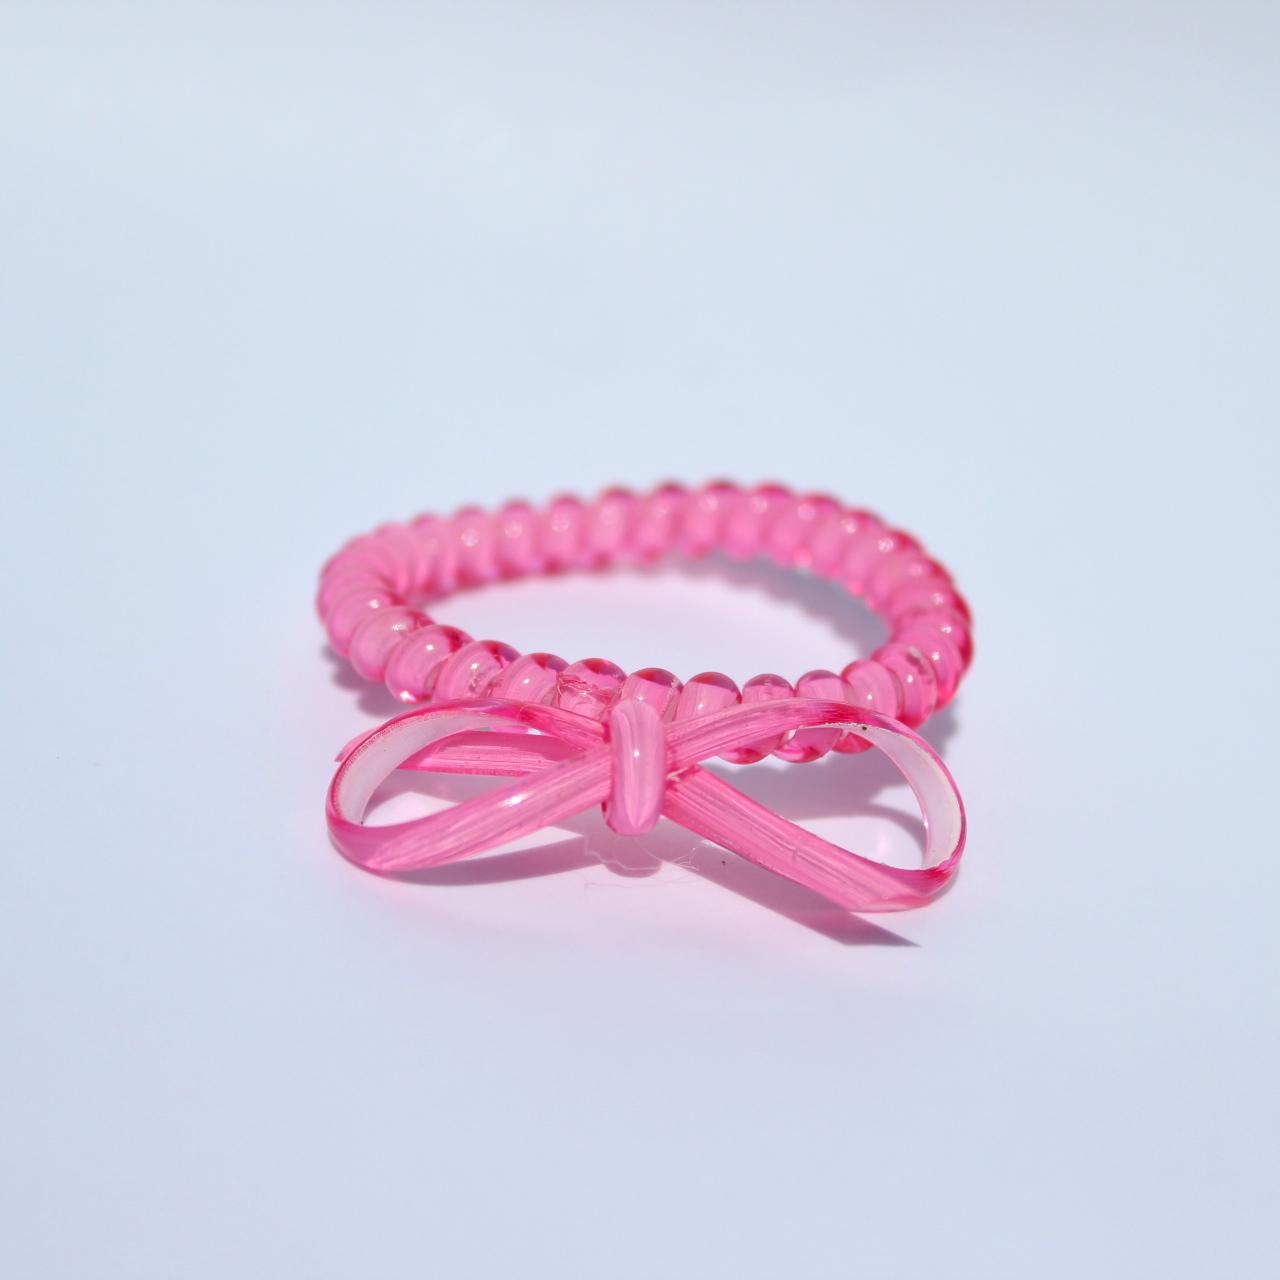 Ružová gumička do vlasov s mašličkou Hairfix - Bow Pink